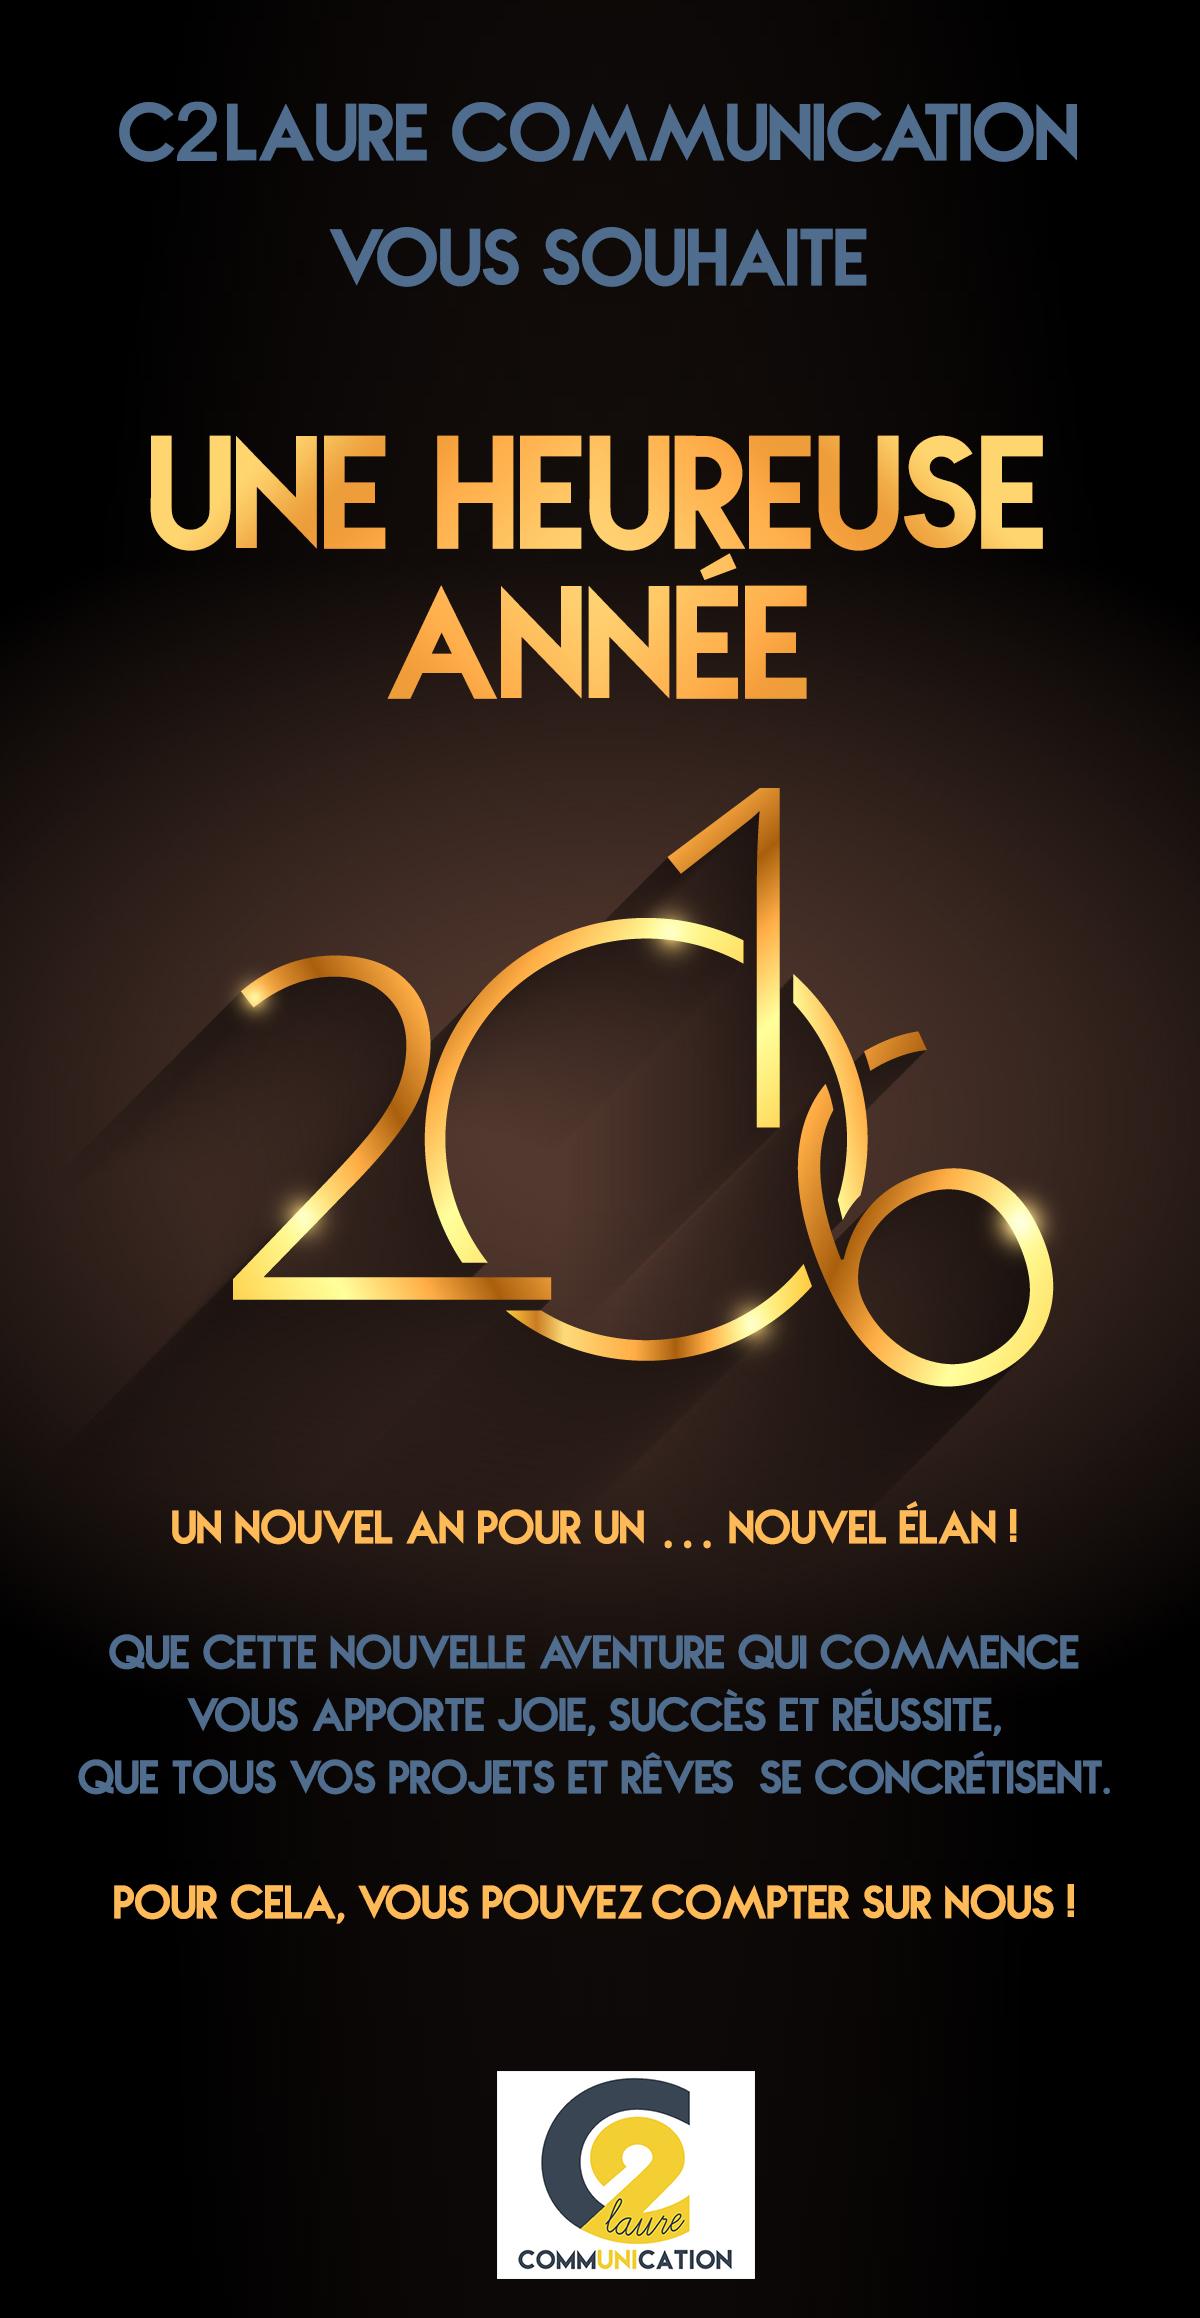 C2LAURE vous souhaite une heureuse année 2016